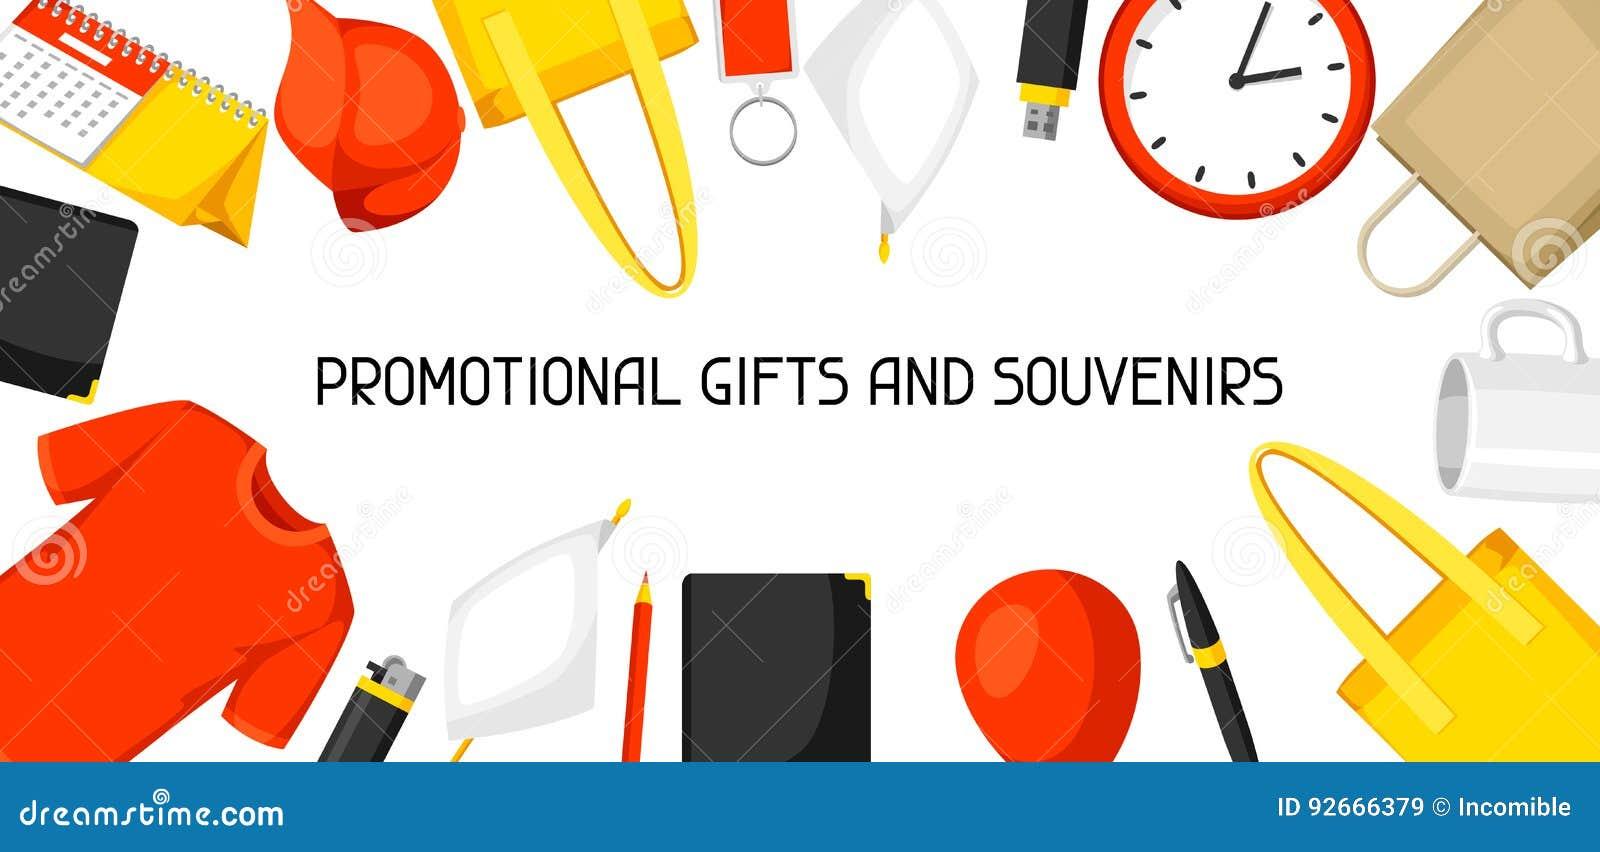 Werbungshintergrund mit fördernden Geschenken und Andenken